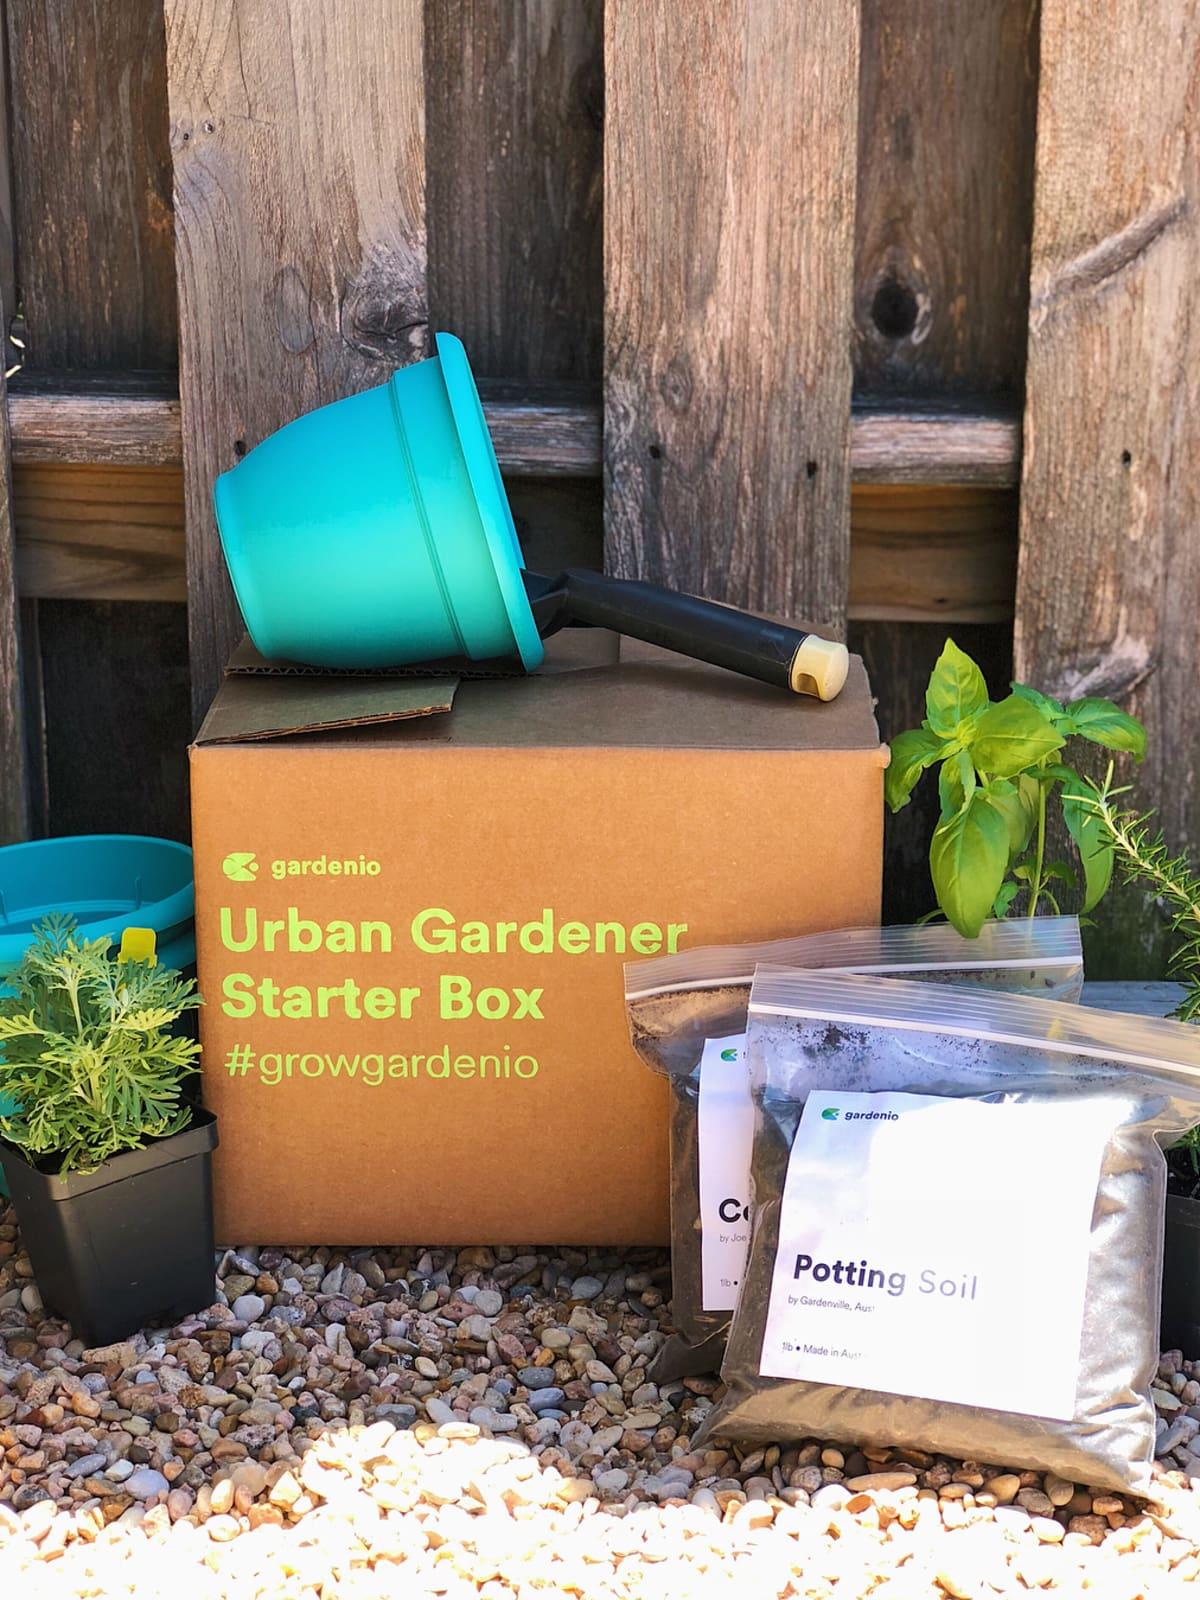 Gardenio gardening supplies